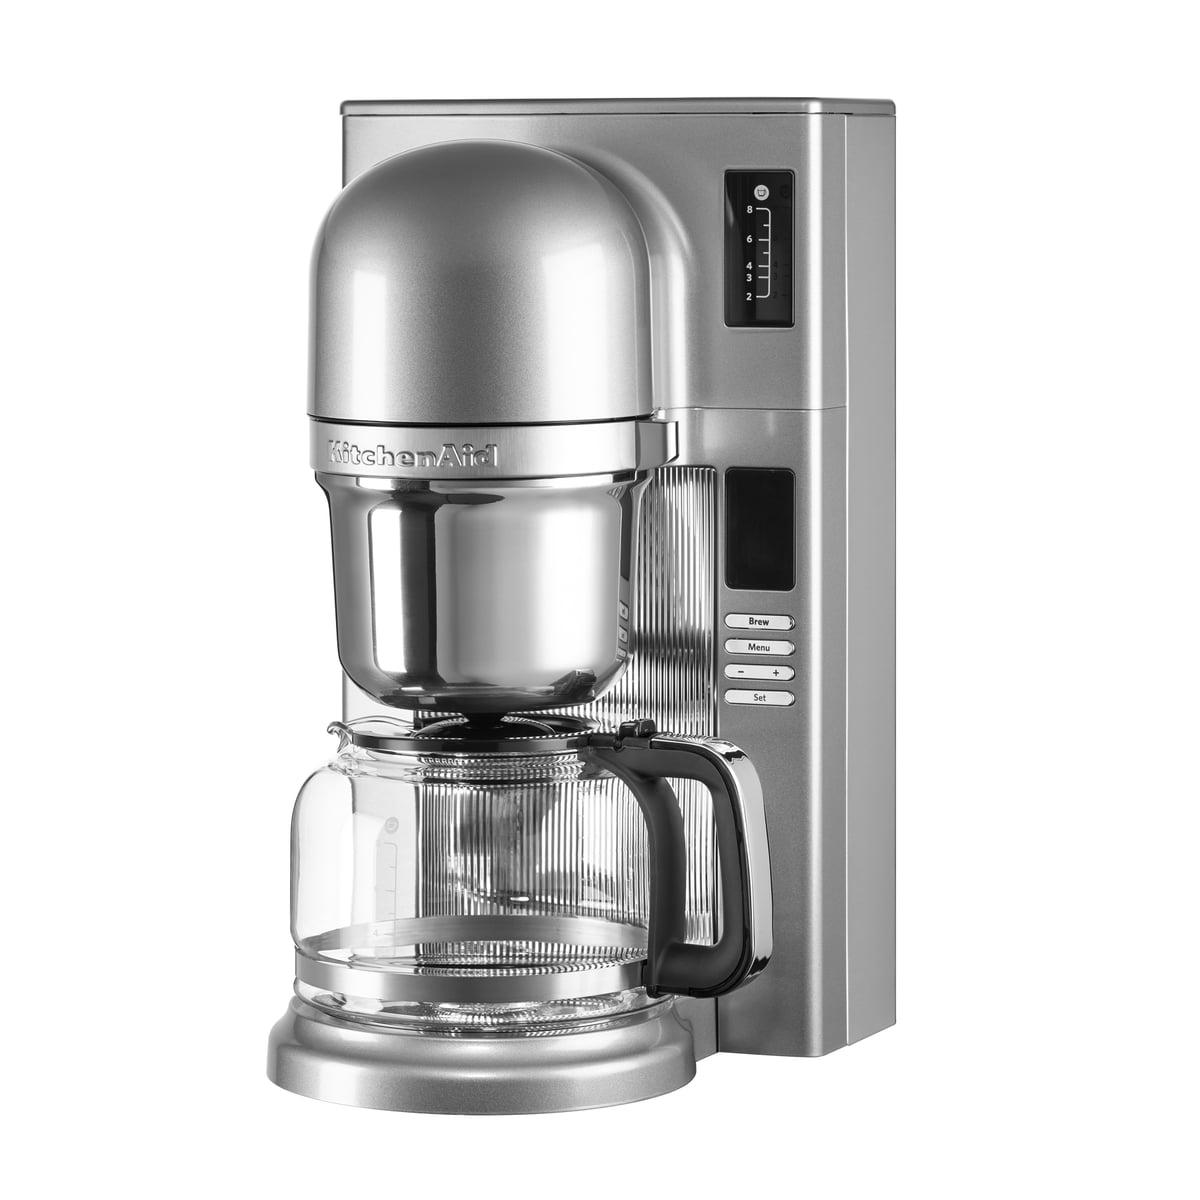 Kitchen Aid KitchenAid - Kaffeemaschine KitchenAid, kontur-silber | Küche und Esszimmer > Kaffee und Tee > Kaffeemaschinen | Kitchen Aid